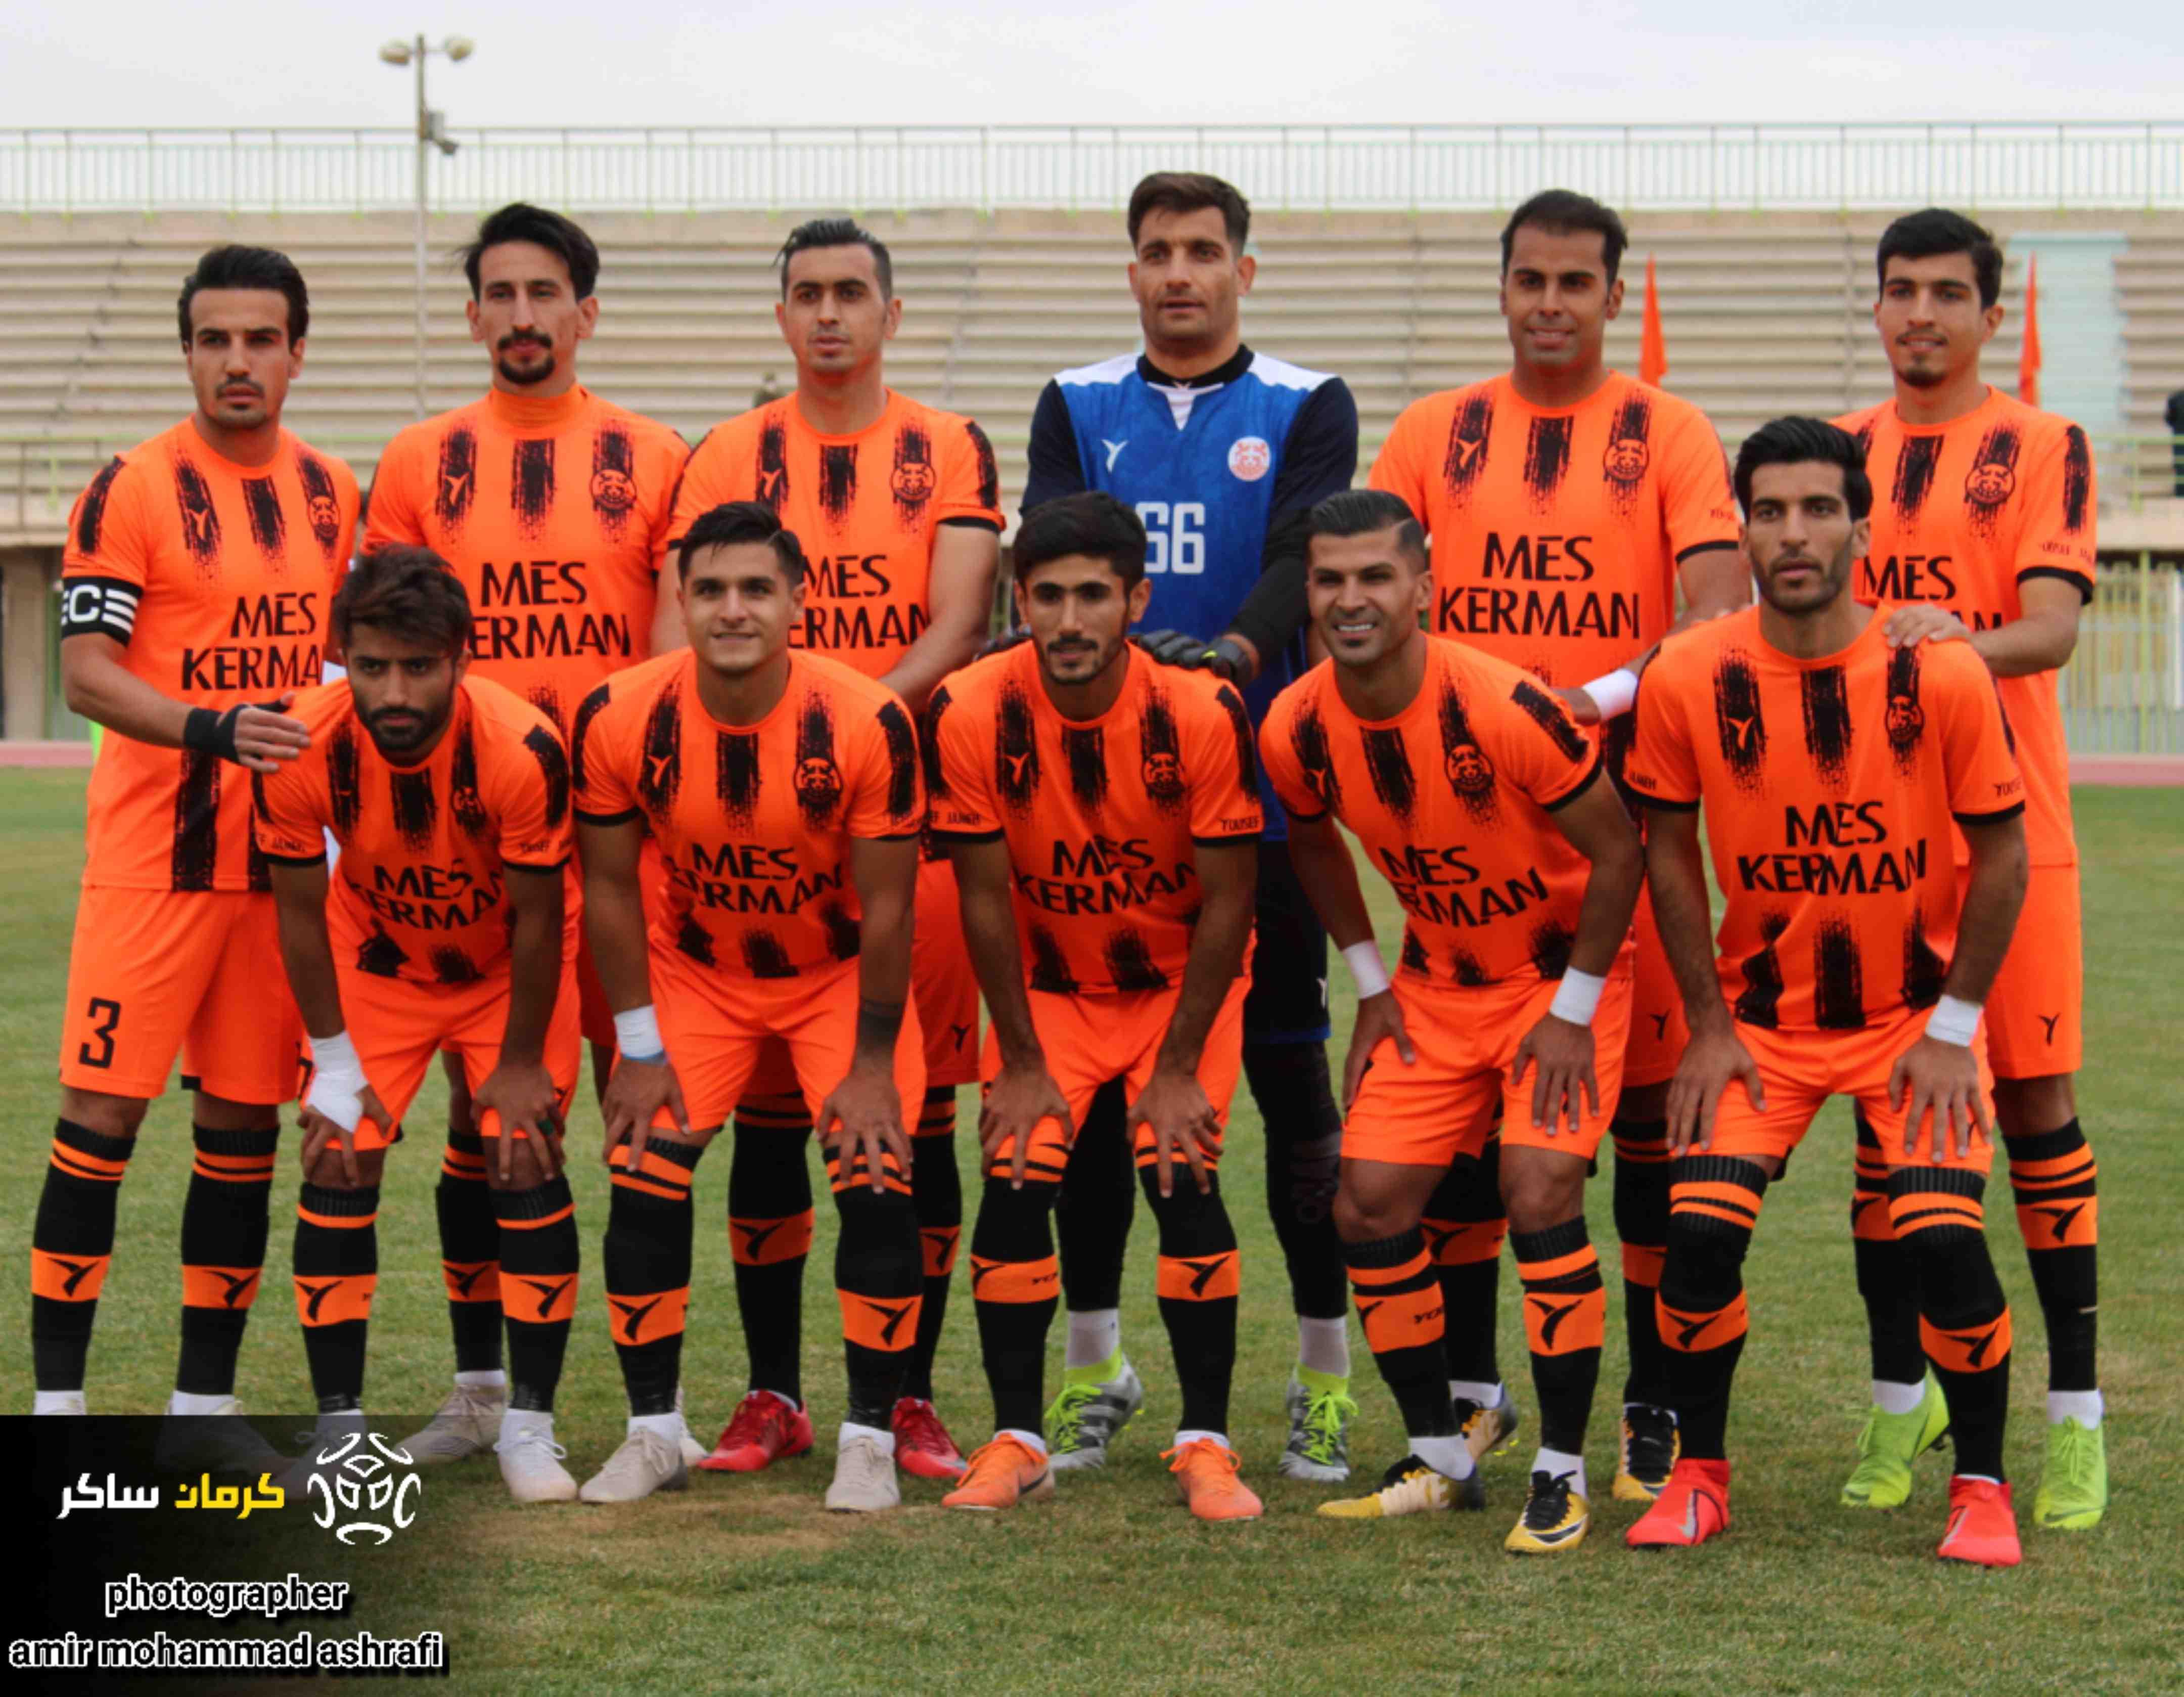 گزارش تصویری: هفته دوم لیگ دسته اول فوتبال کشور/مس کرمان - شاهین بوشهر از نگاه دوربین امیرمحمداشرفی